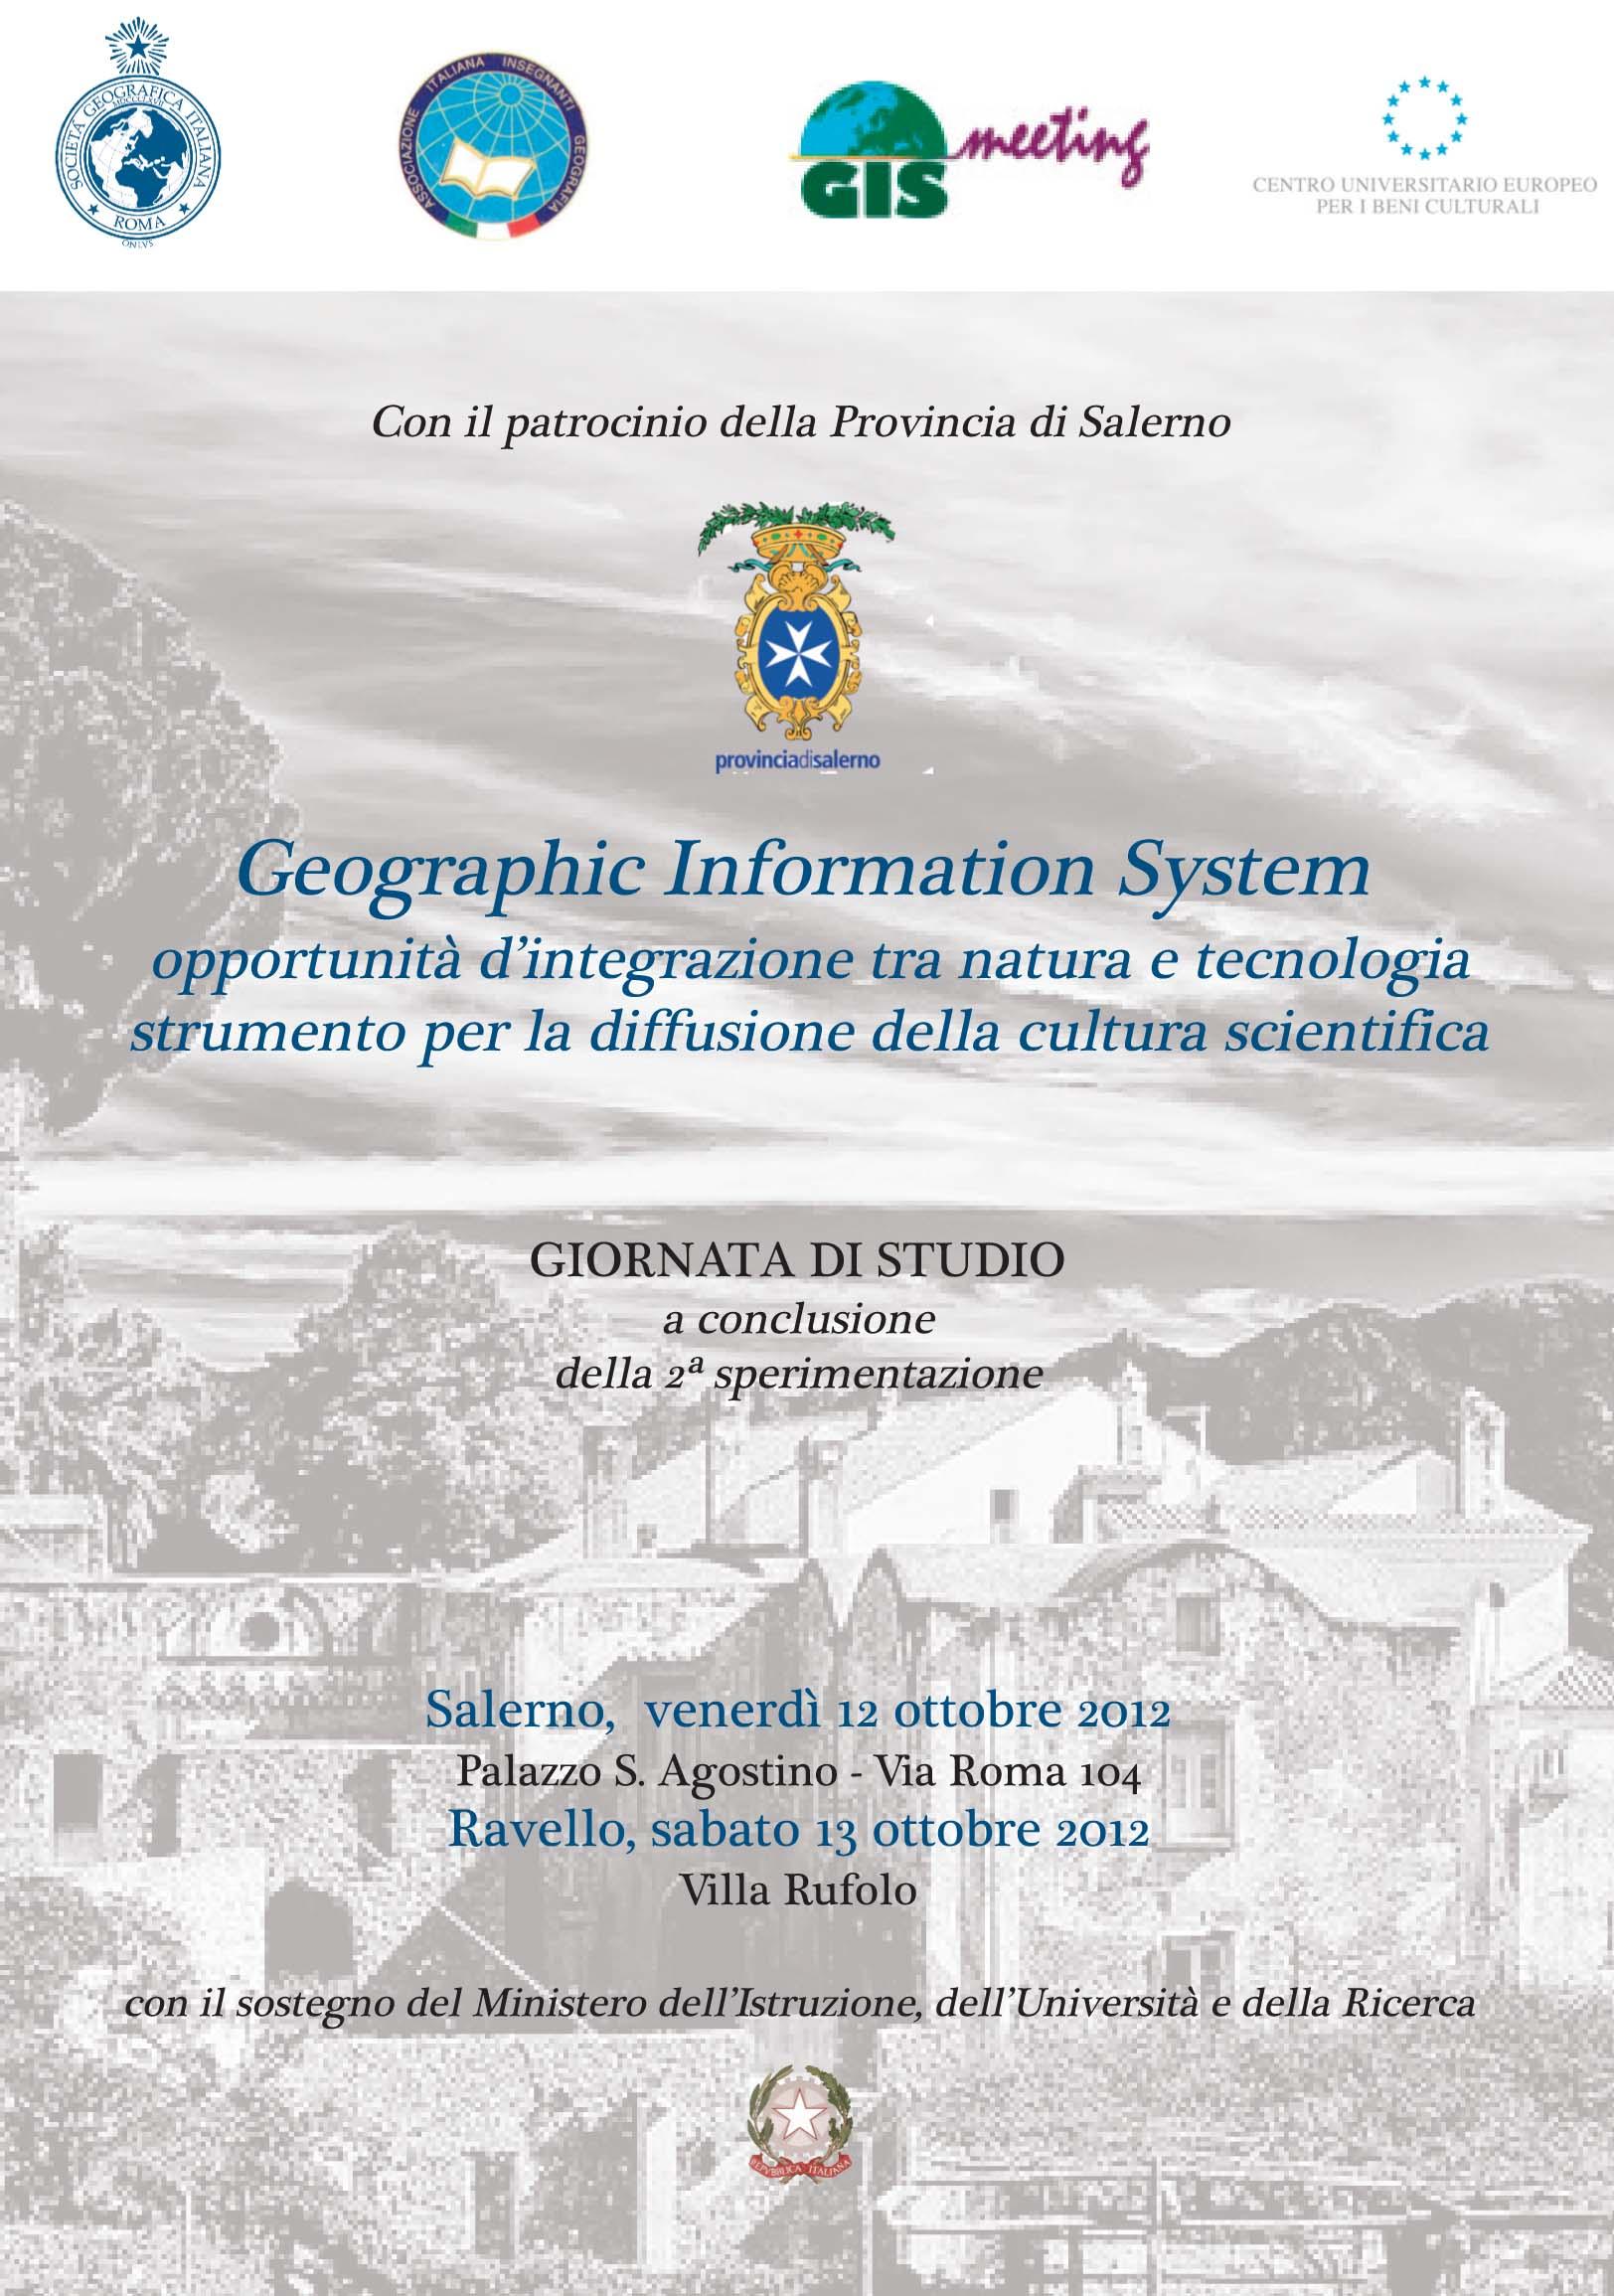 La Società Geografica Italiana a Salerno e a Ravello ci racconta i GIS